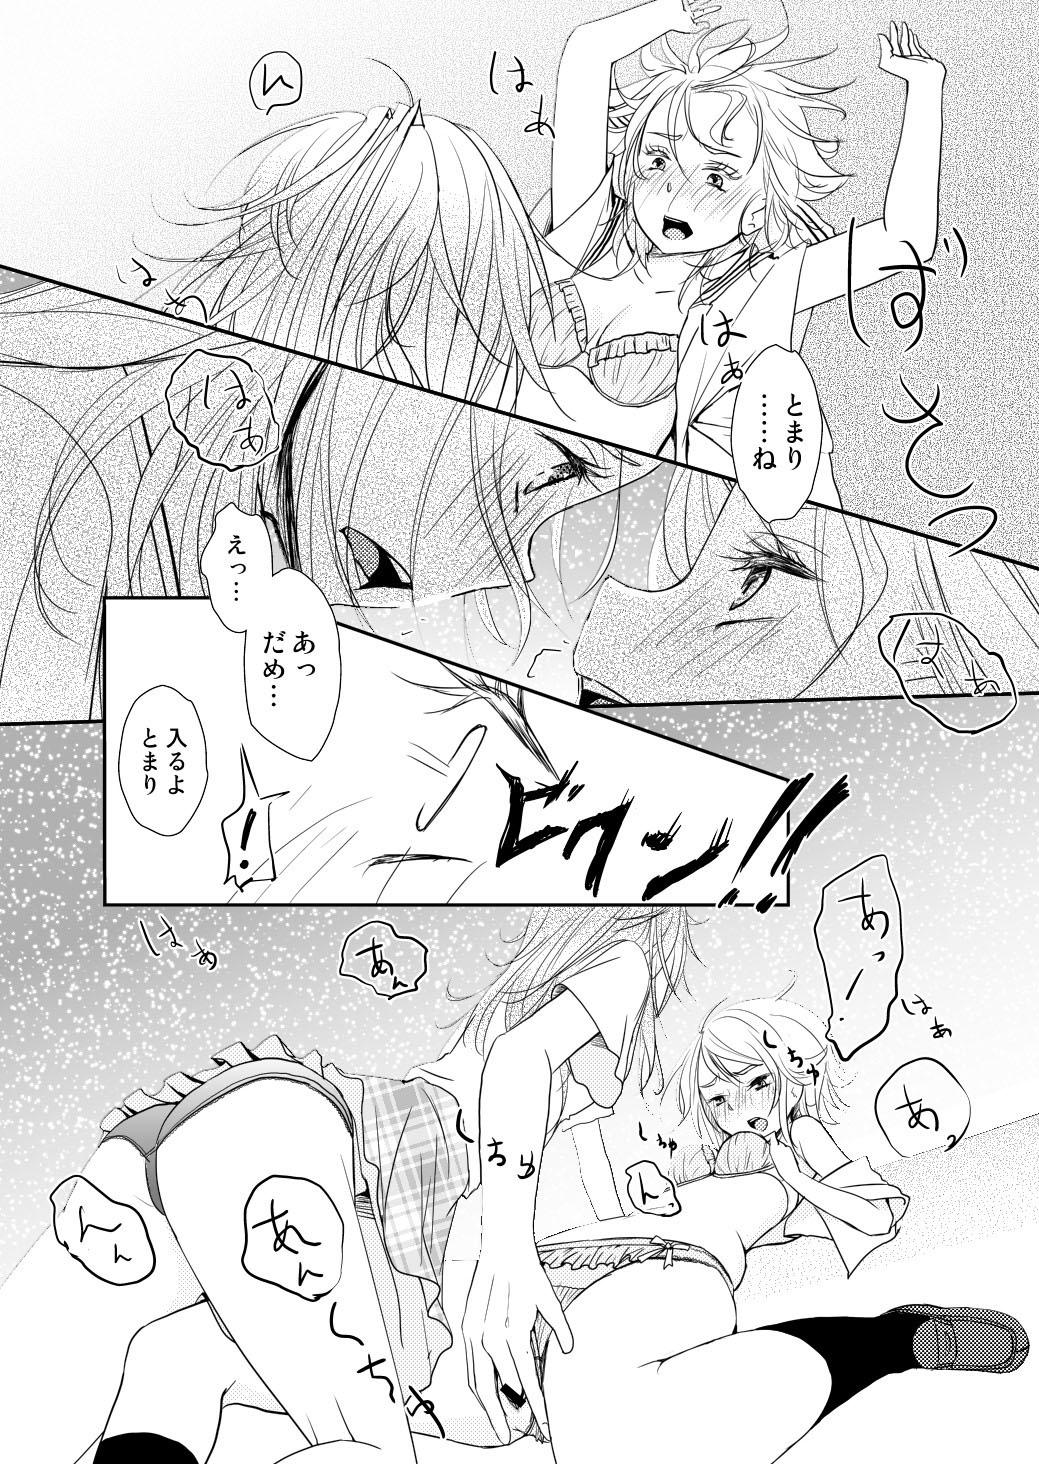 Yakusoku no Sora to Kimigaita Basho 1 ~ 2 33